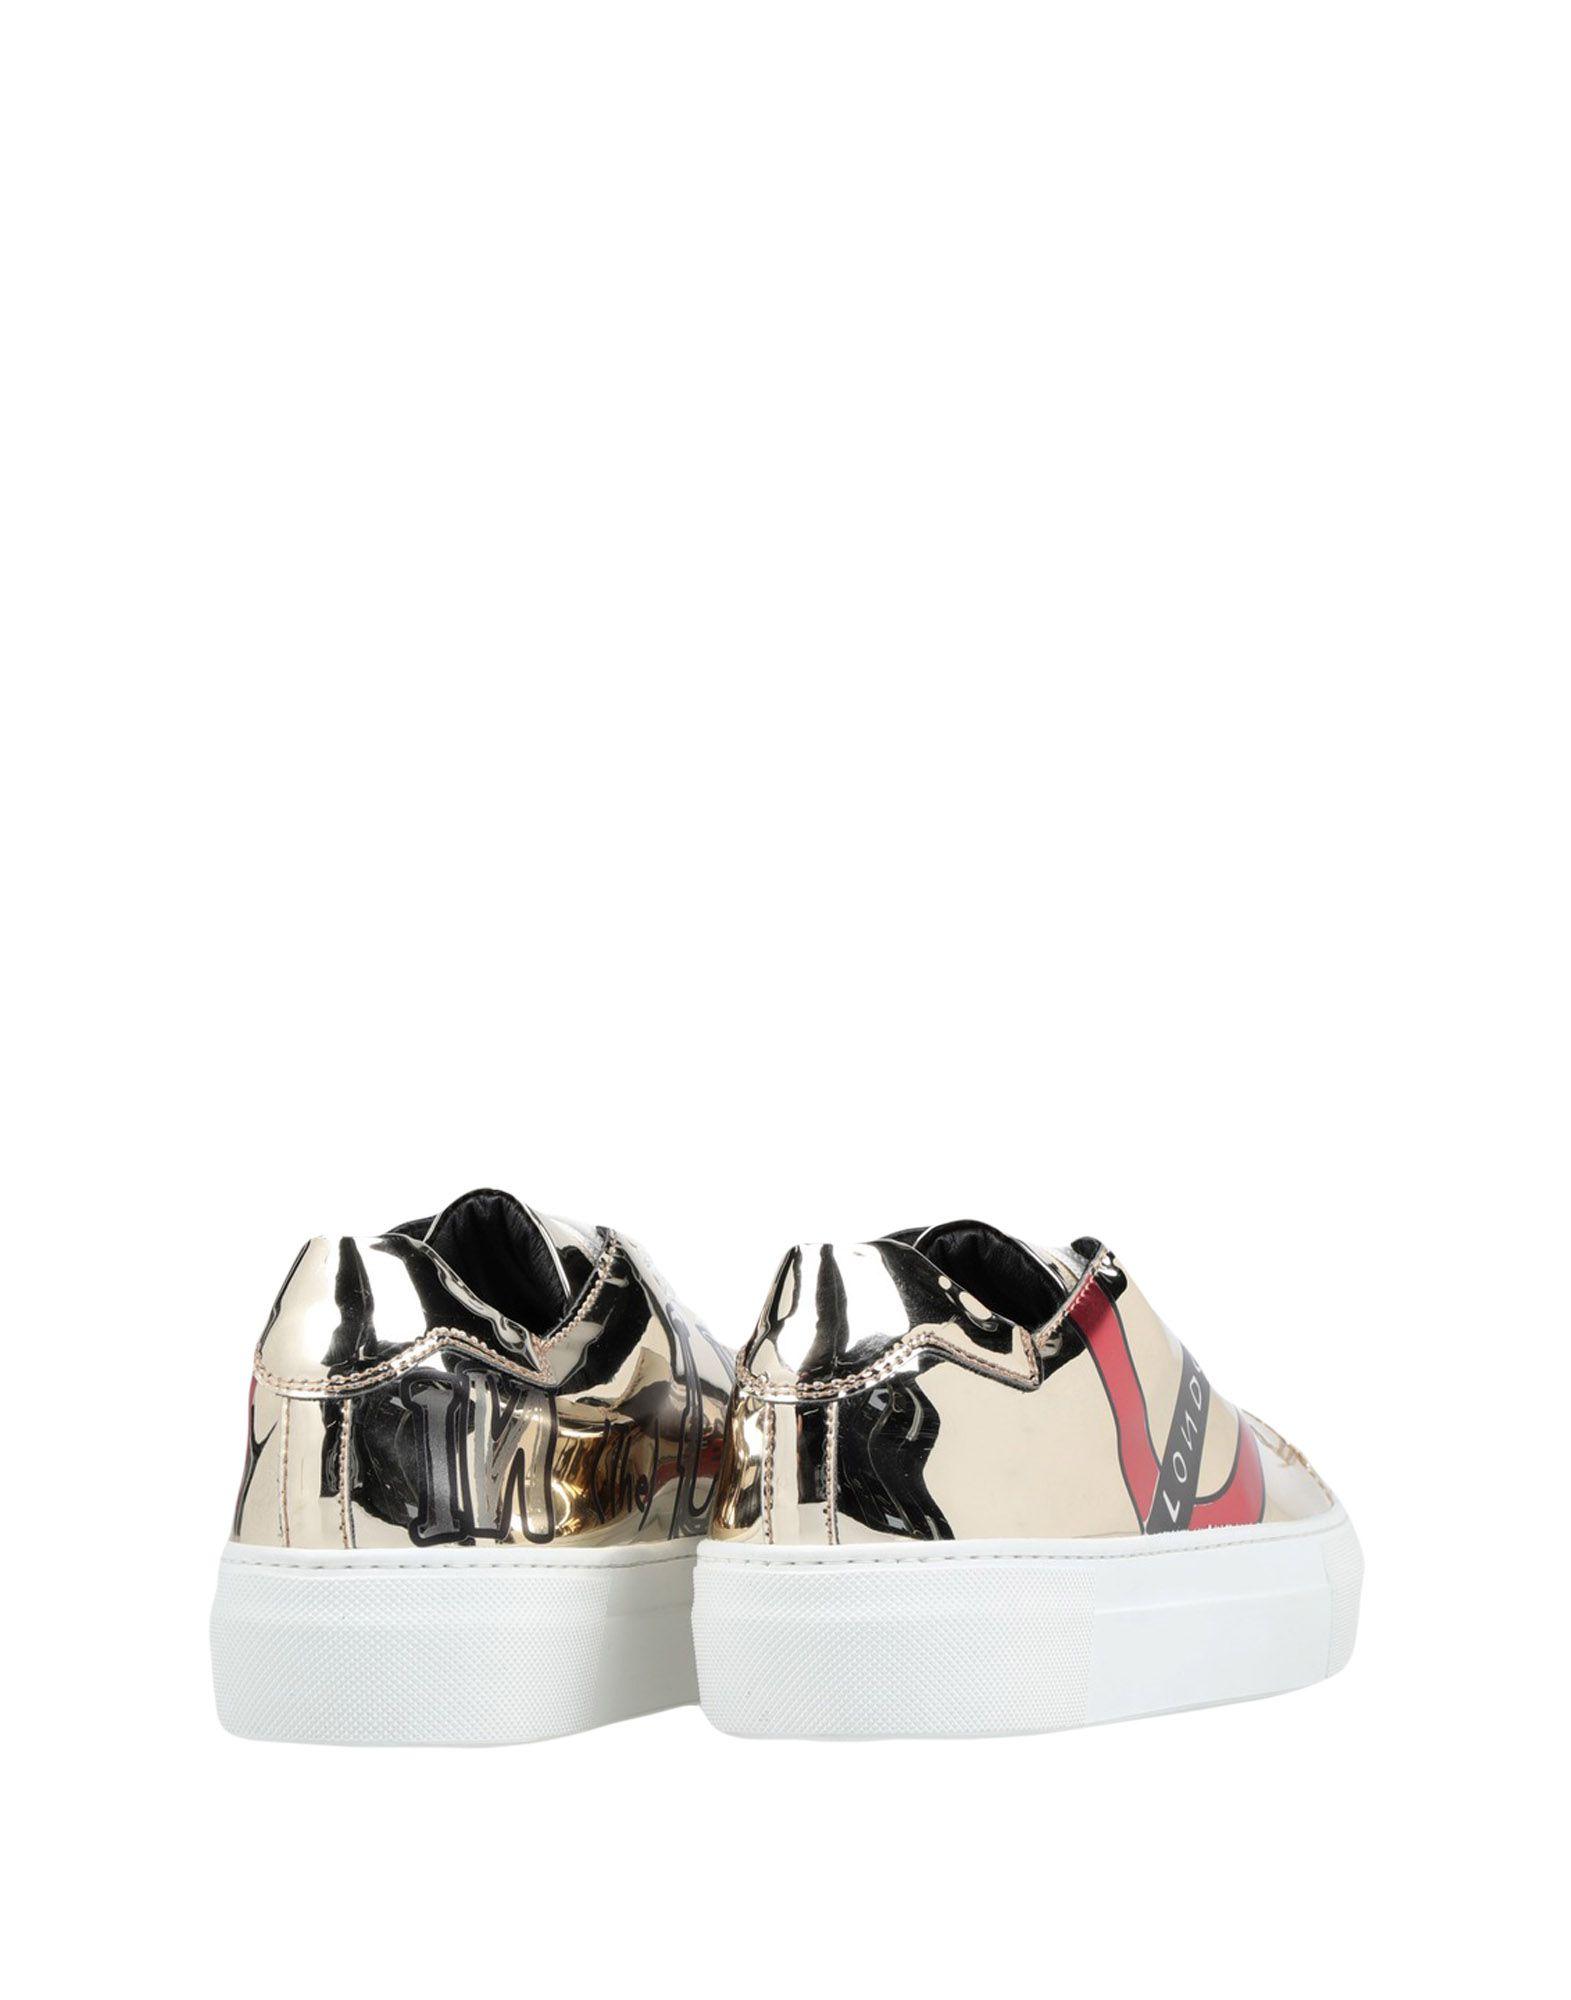 Simon Scott Damen Sneakers Damen Scott  11543384LD 529188